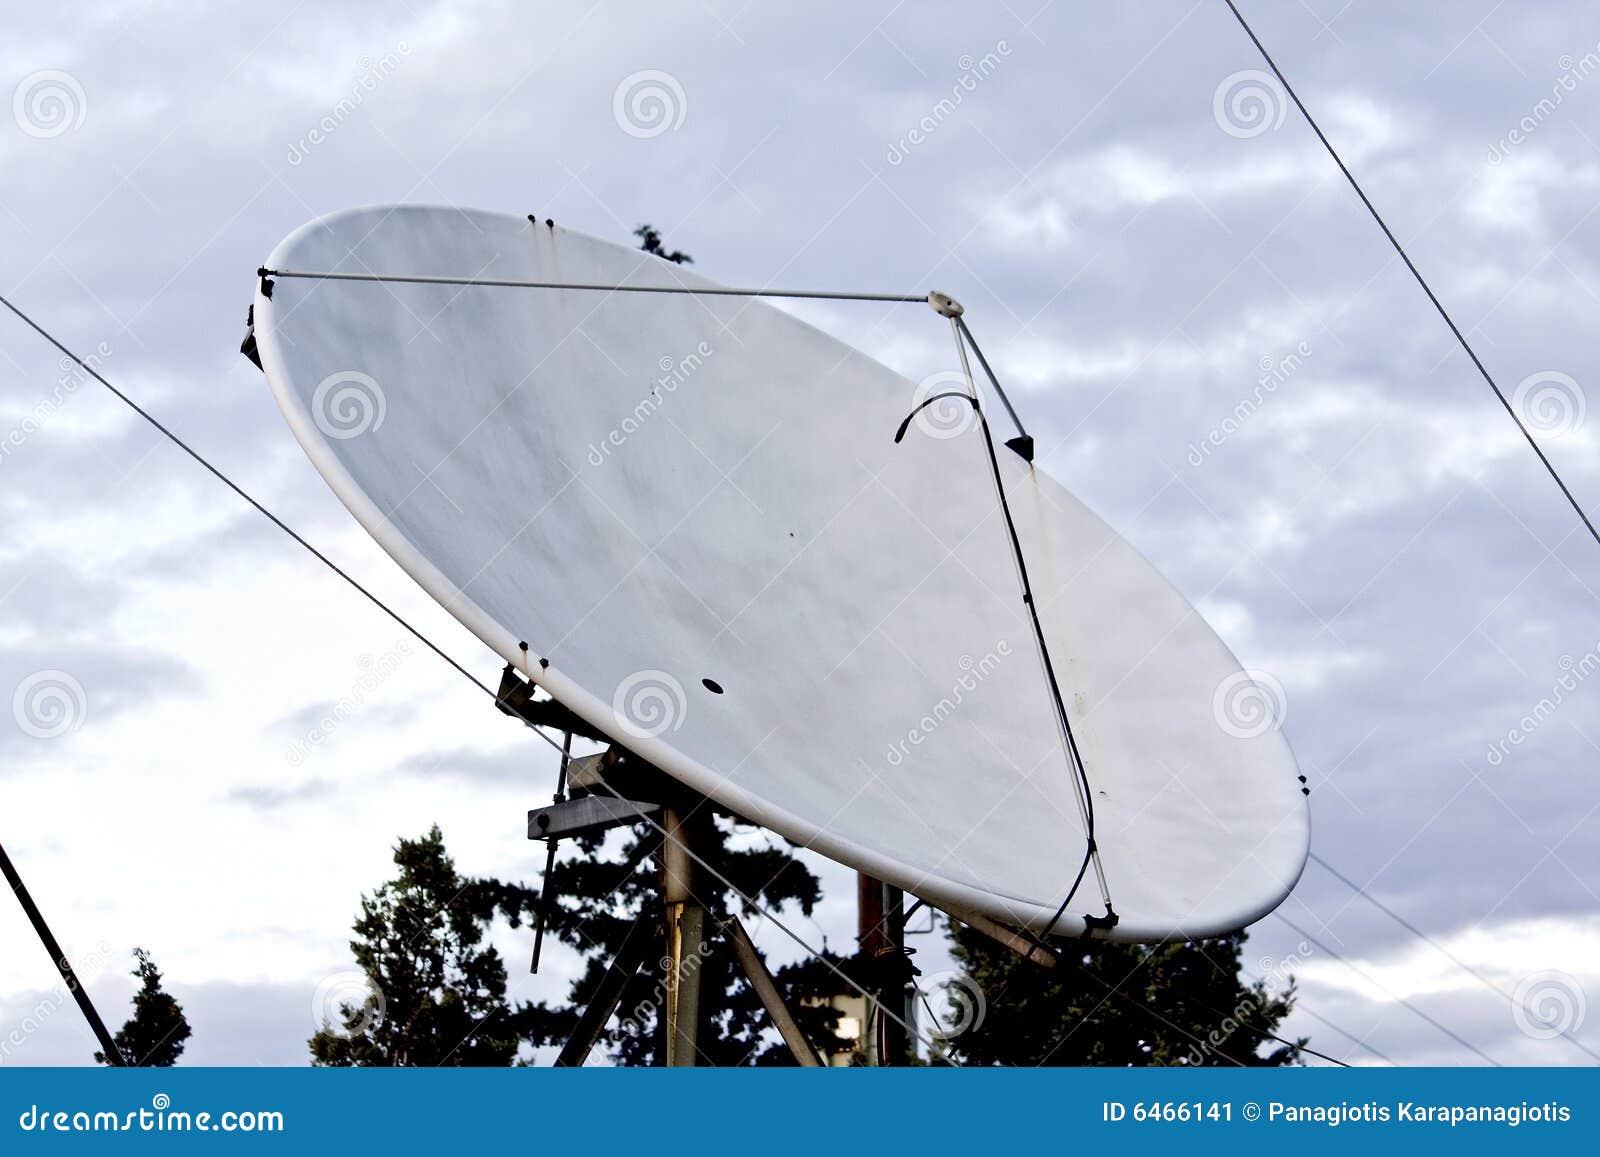 тарелка сидела используемое спутниковое телевидение